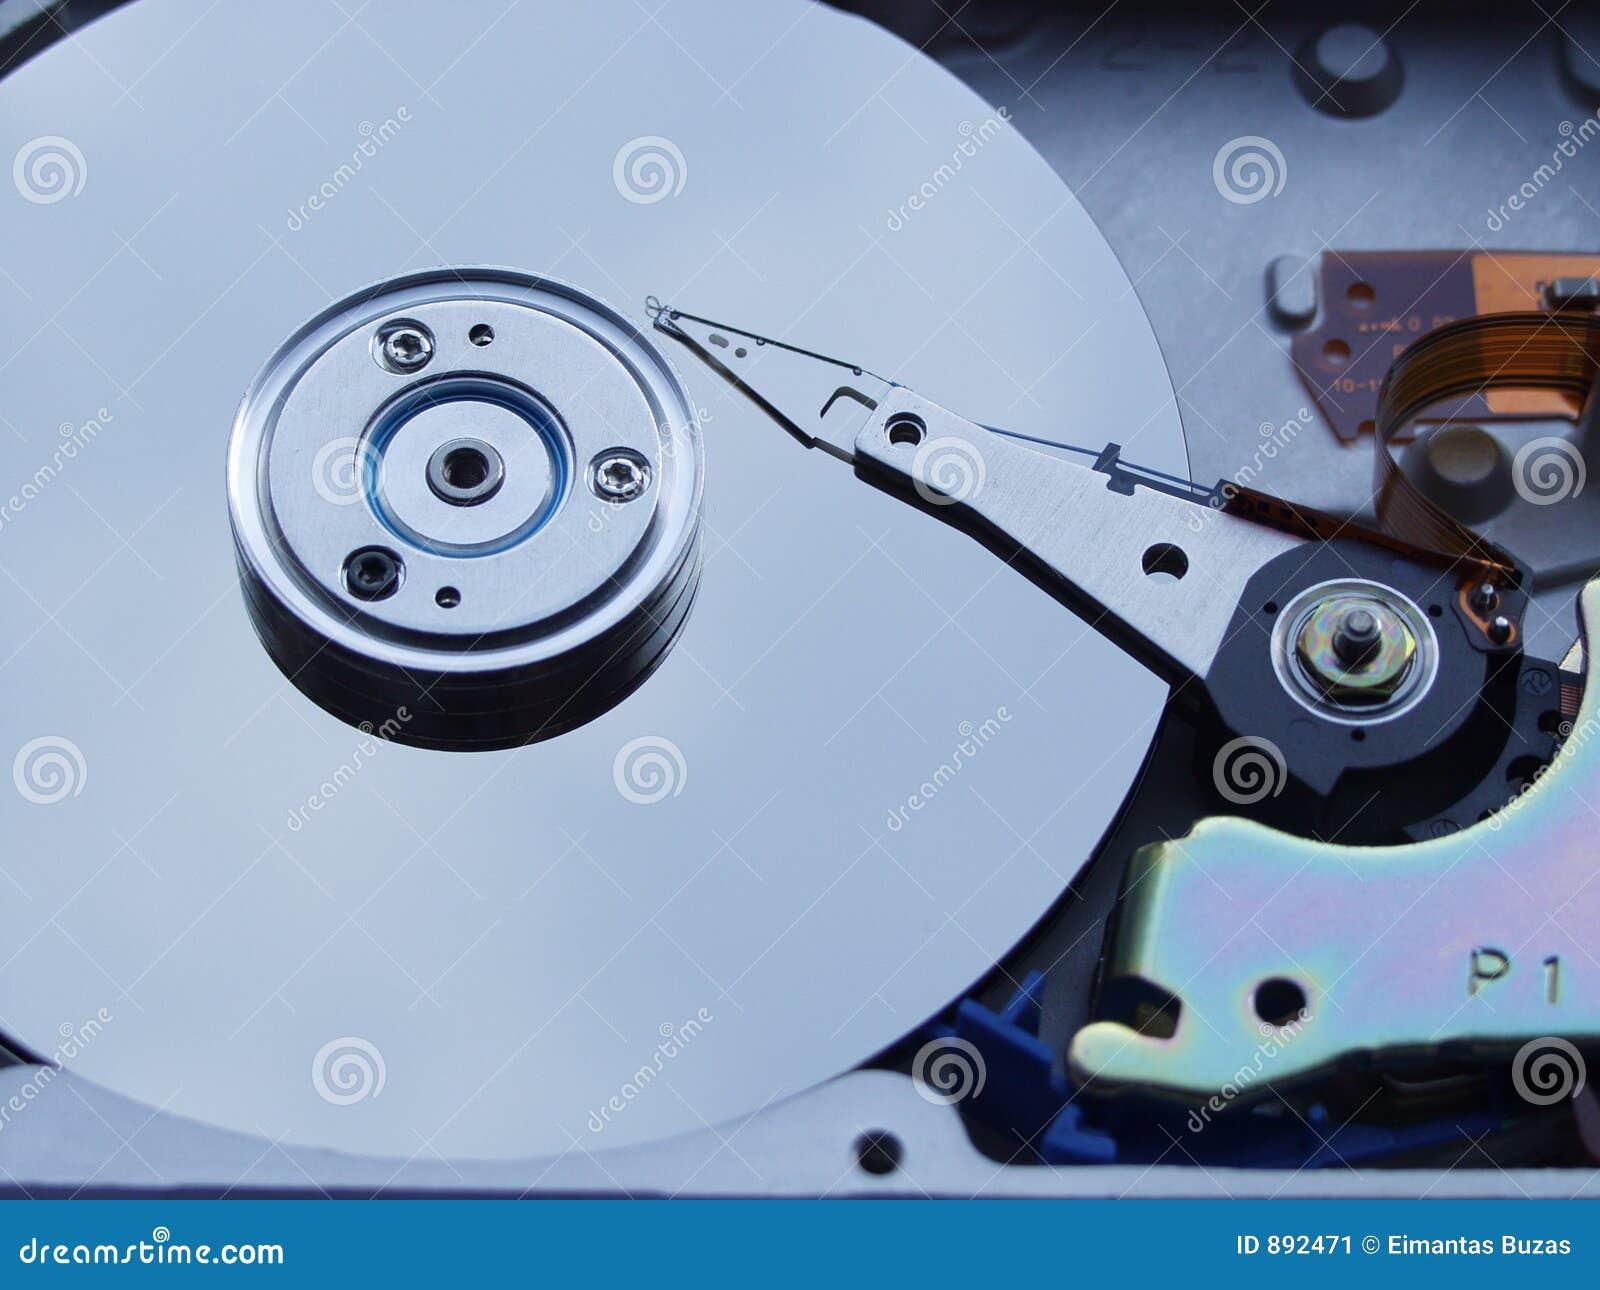 Przechowywanie danych na dysku